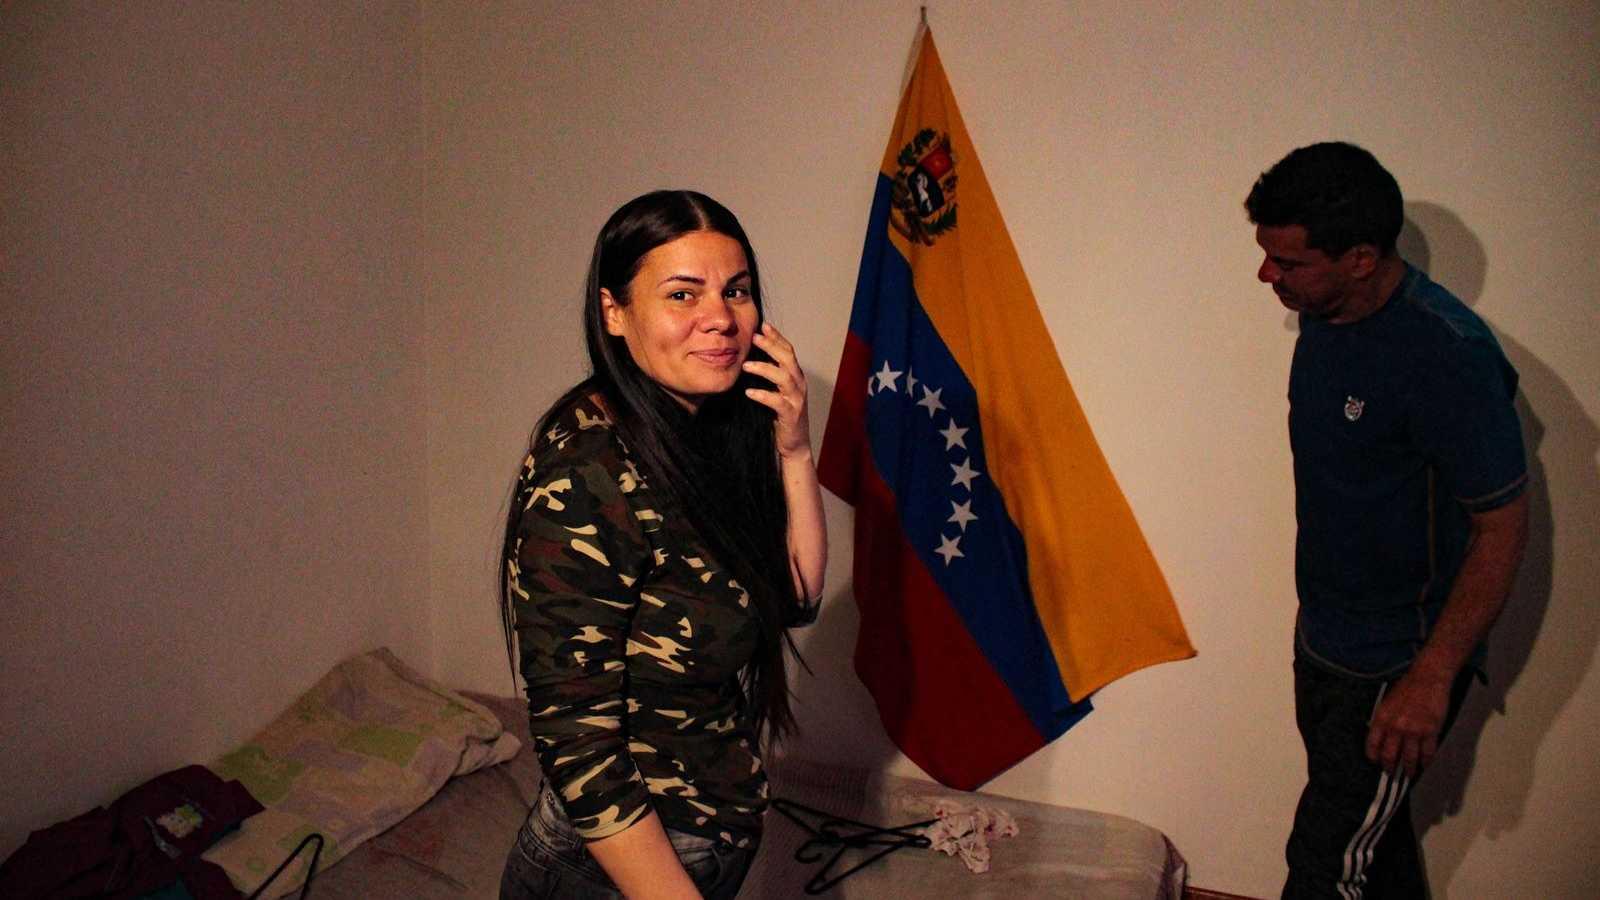 Personería pide atender derechos humanos de migrantes venezolanos